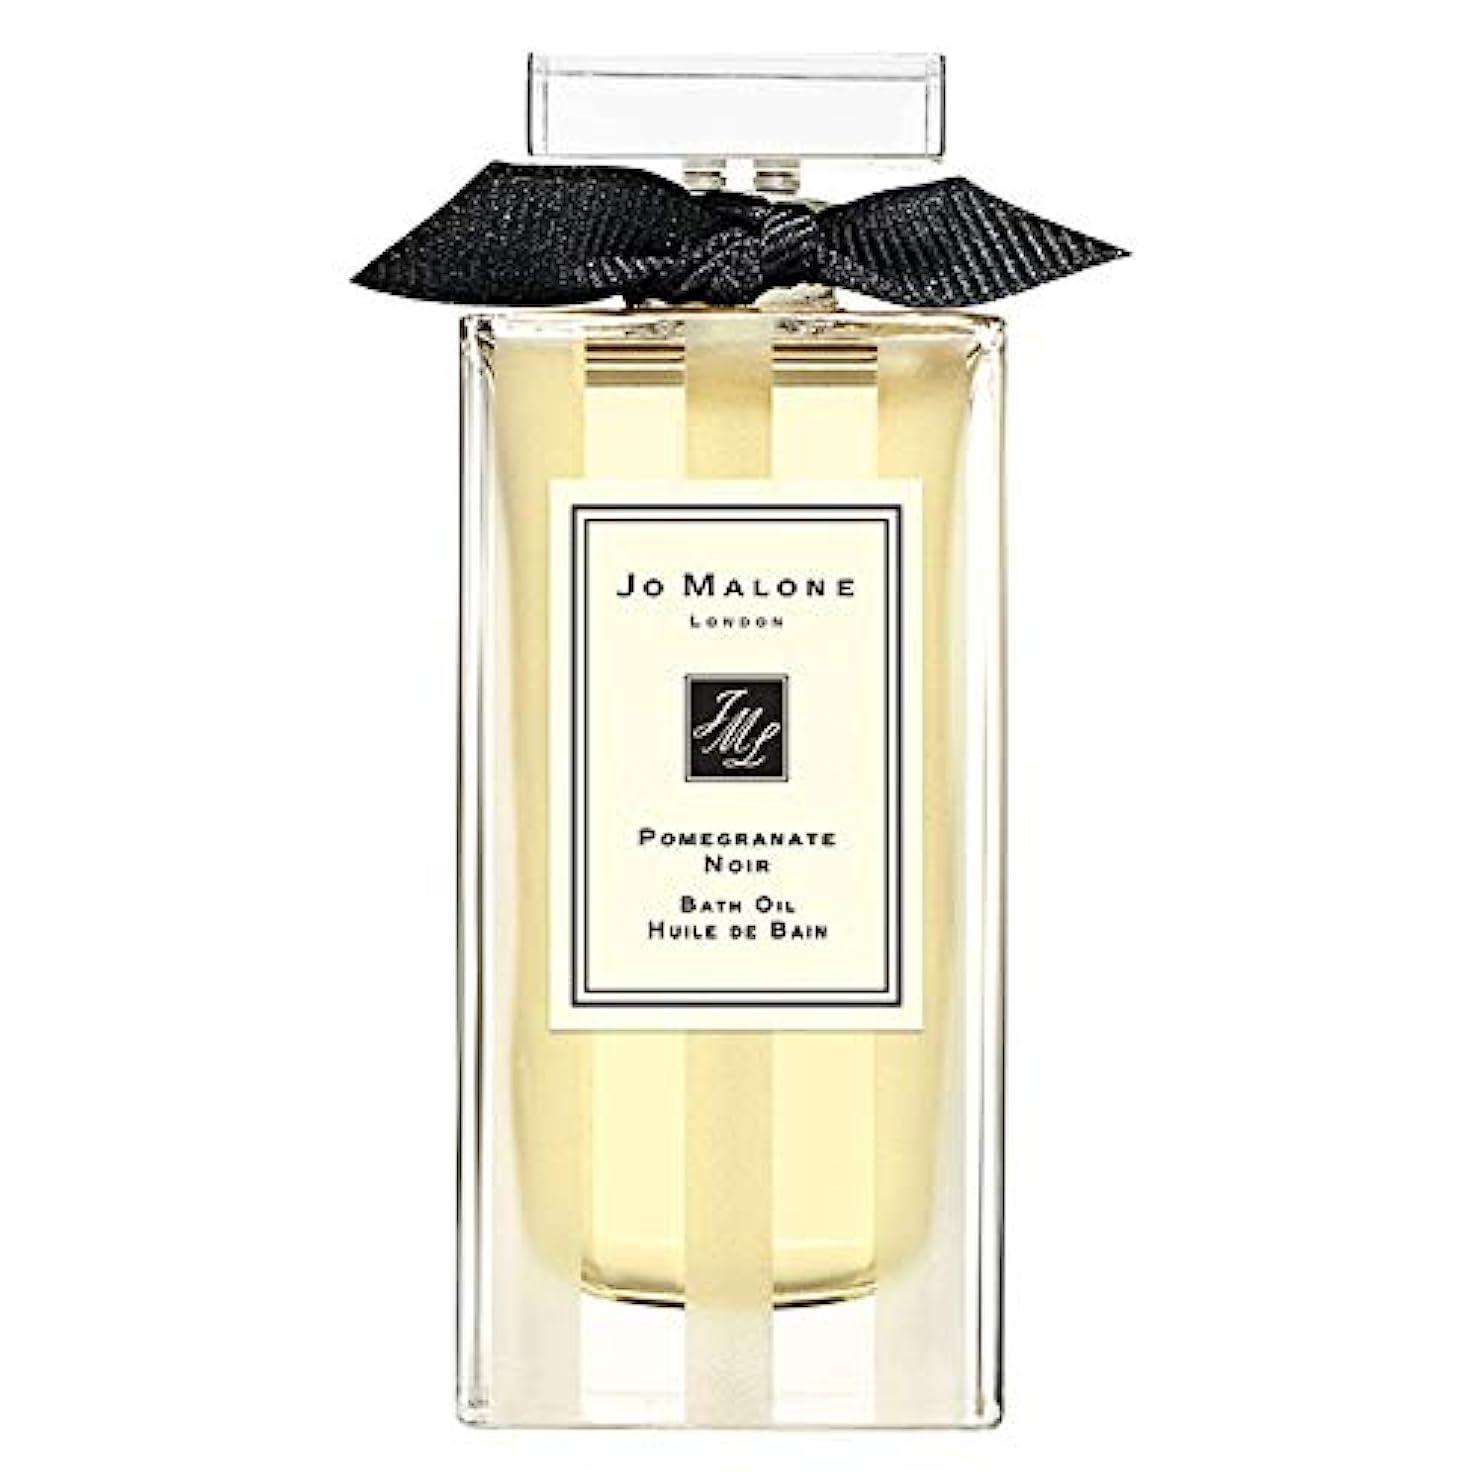 子羊イディオム花嫁[Jo Malone] ジョーマローンロンドンバスザクロノワールバスオイル30ミリリットル - Jo Malone London Bath Pomegranate Noir Bath Oil 30ml [並行輸入品]